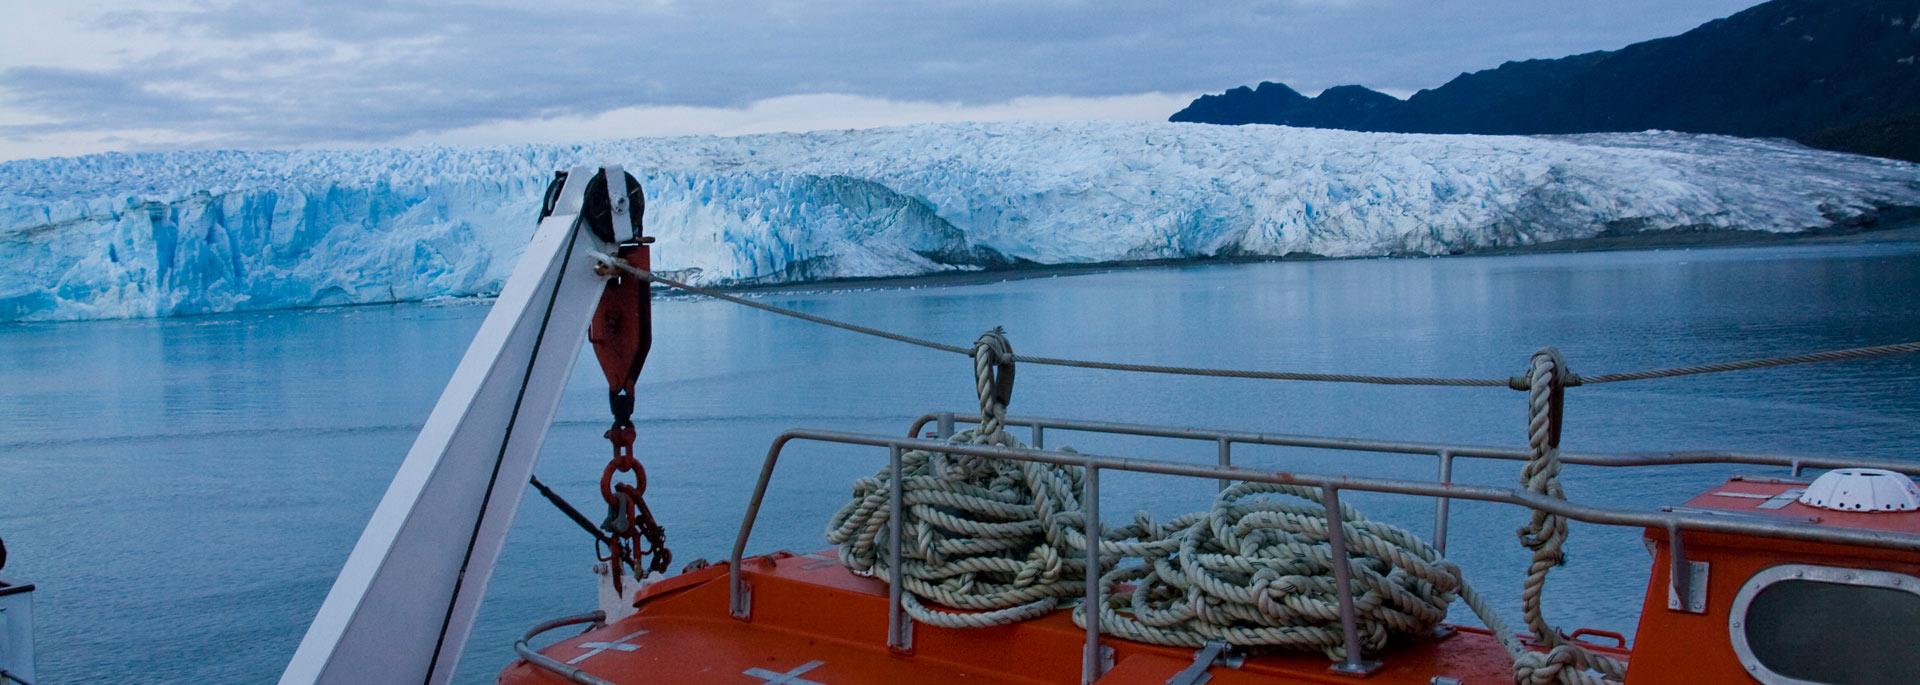 Fotos: Mit der Fähre durch Patagoniens Fjorde